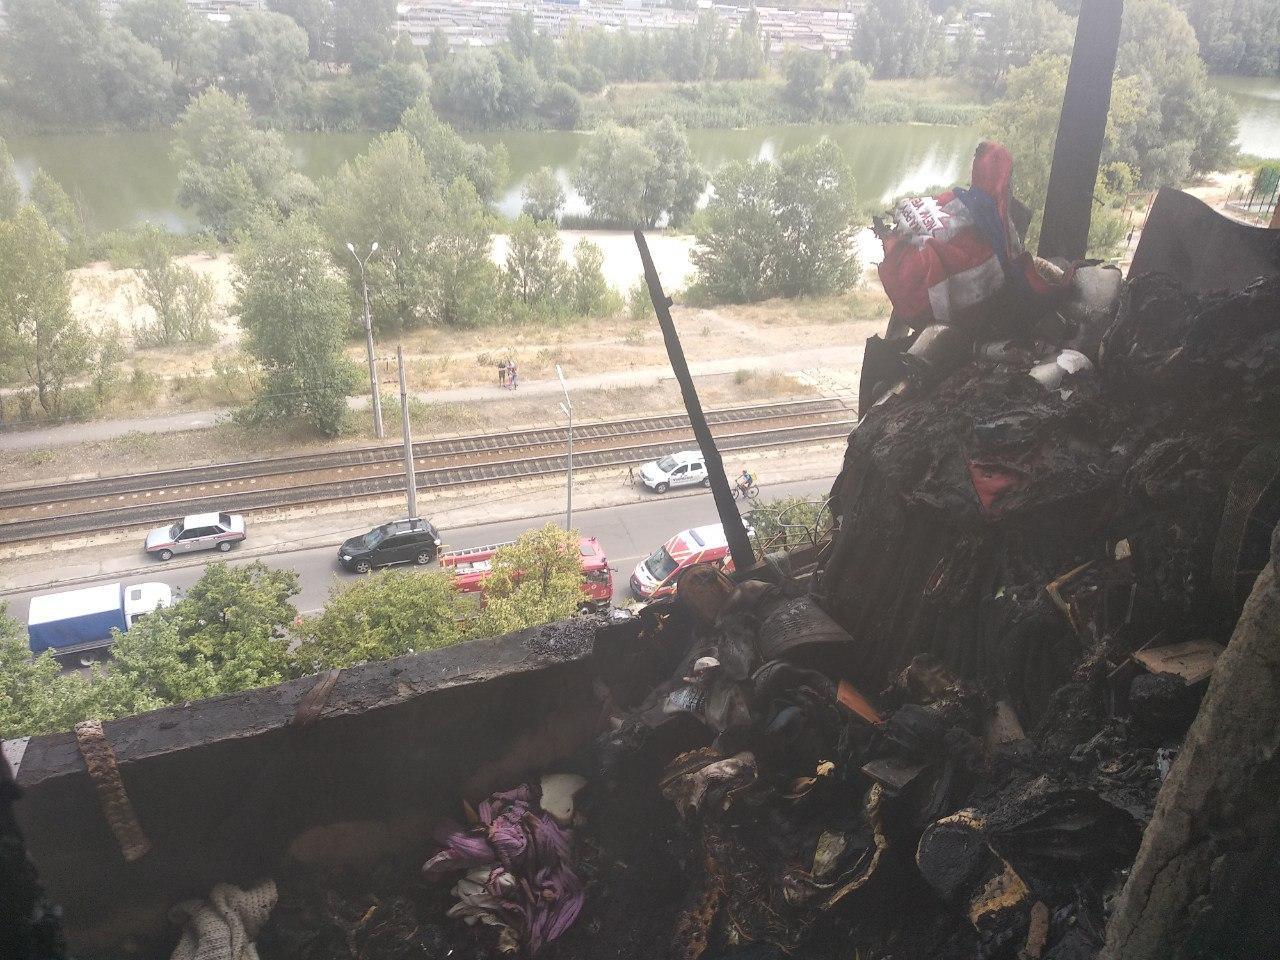 У Києві горить квартира, загинула жінка - фото, відео